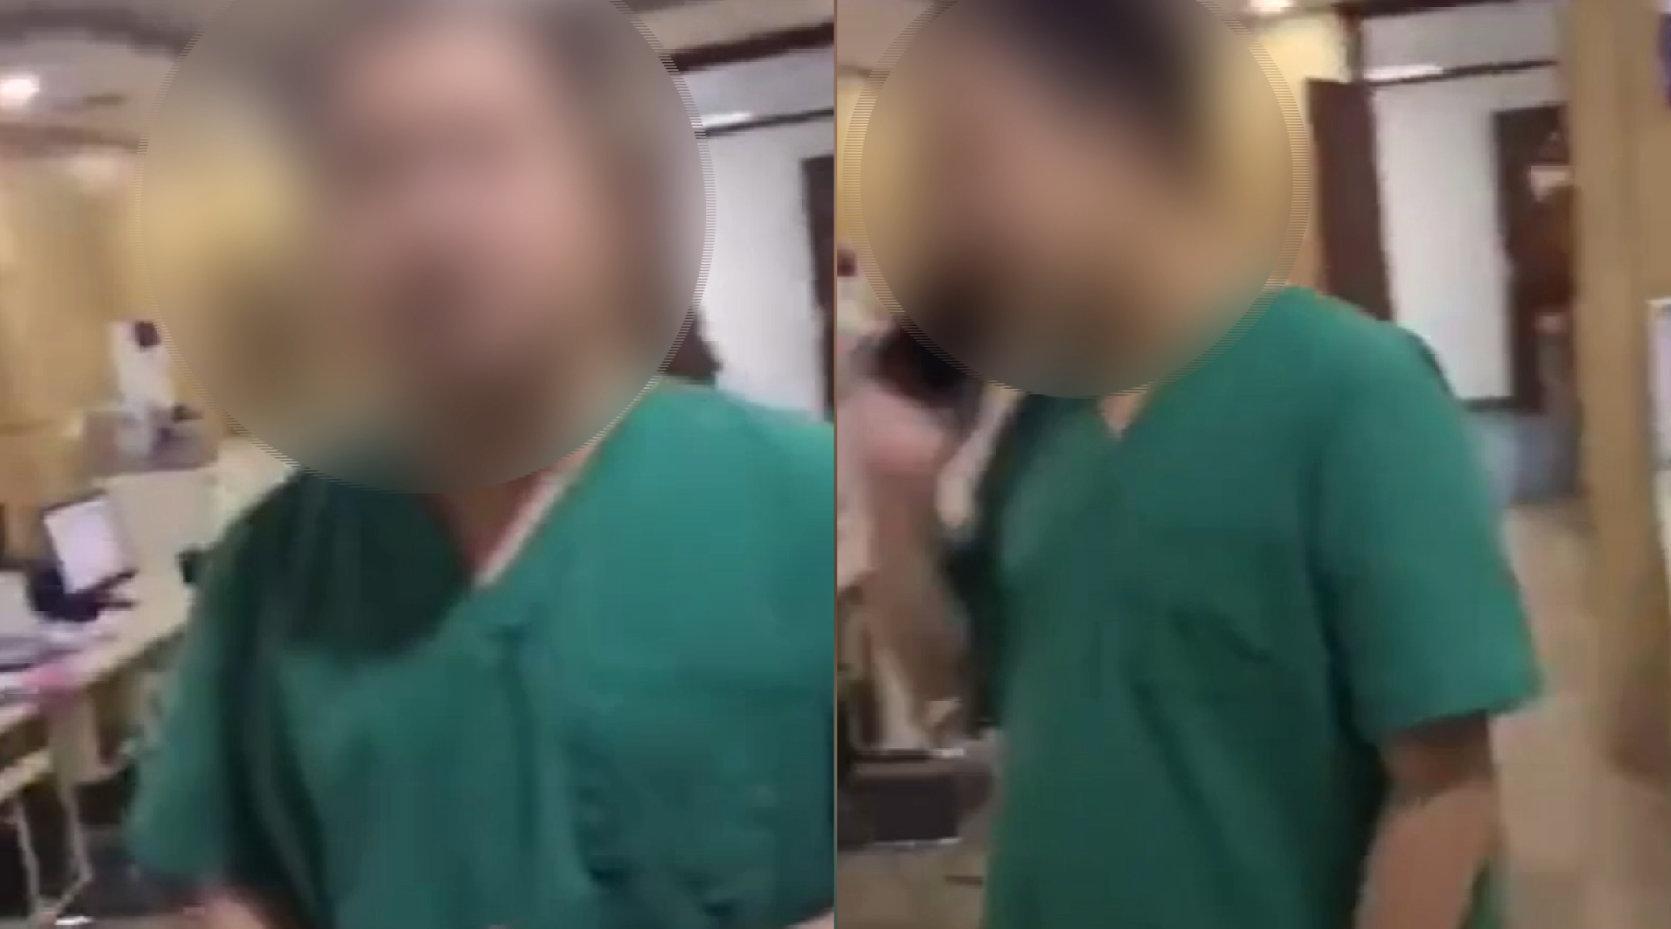 因脚踝受伤入院,肇事司机疑医院过度检查质问医生:这是潜规则吗